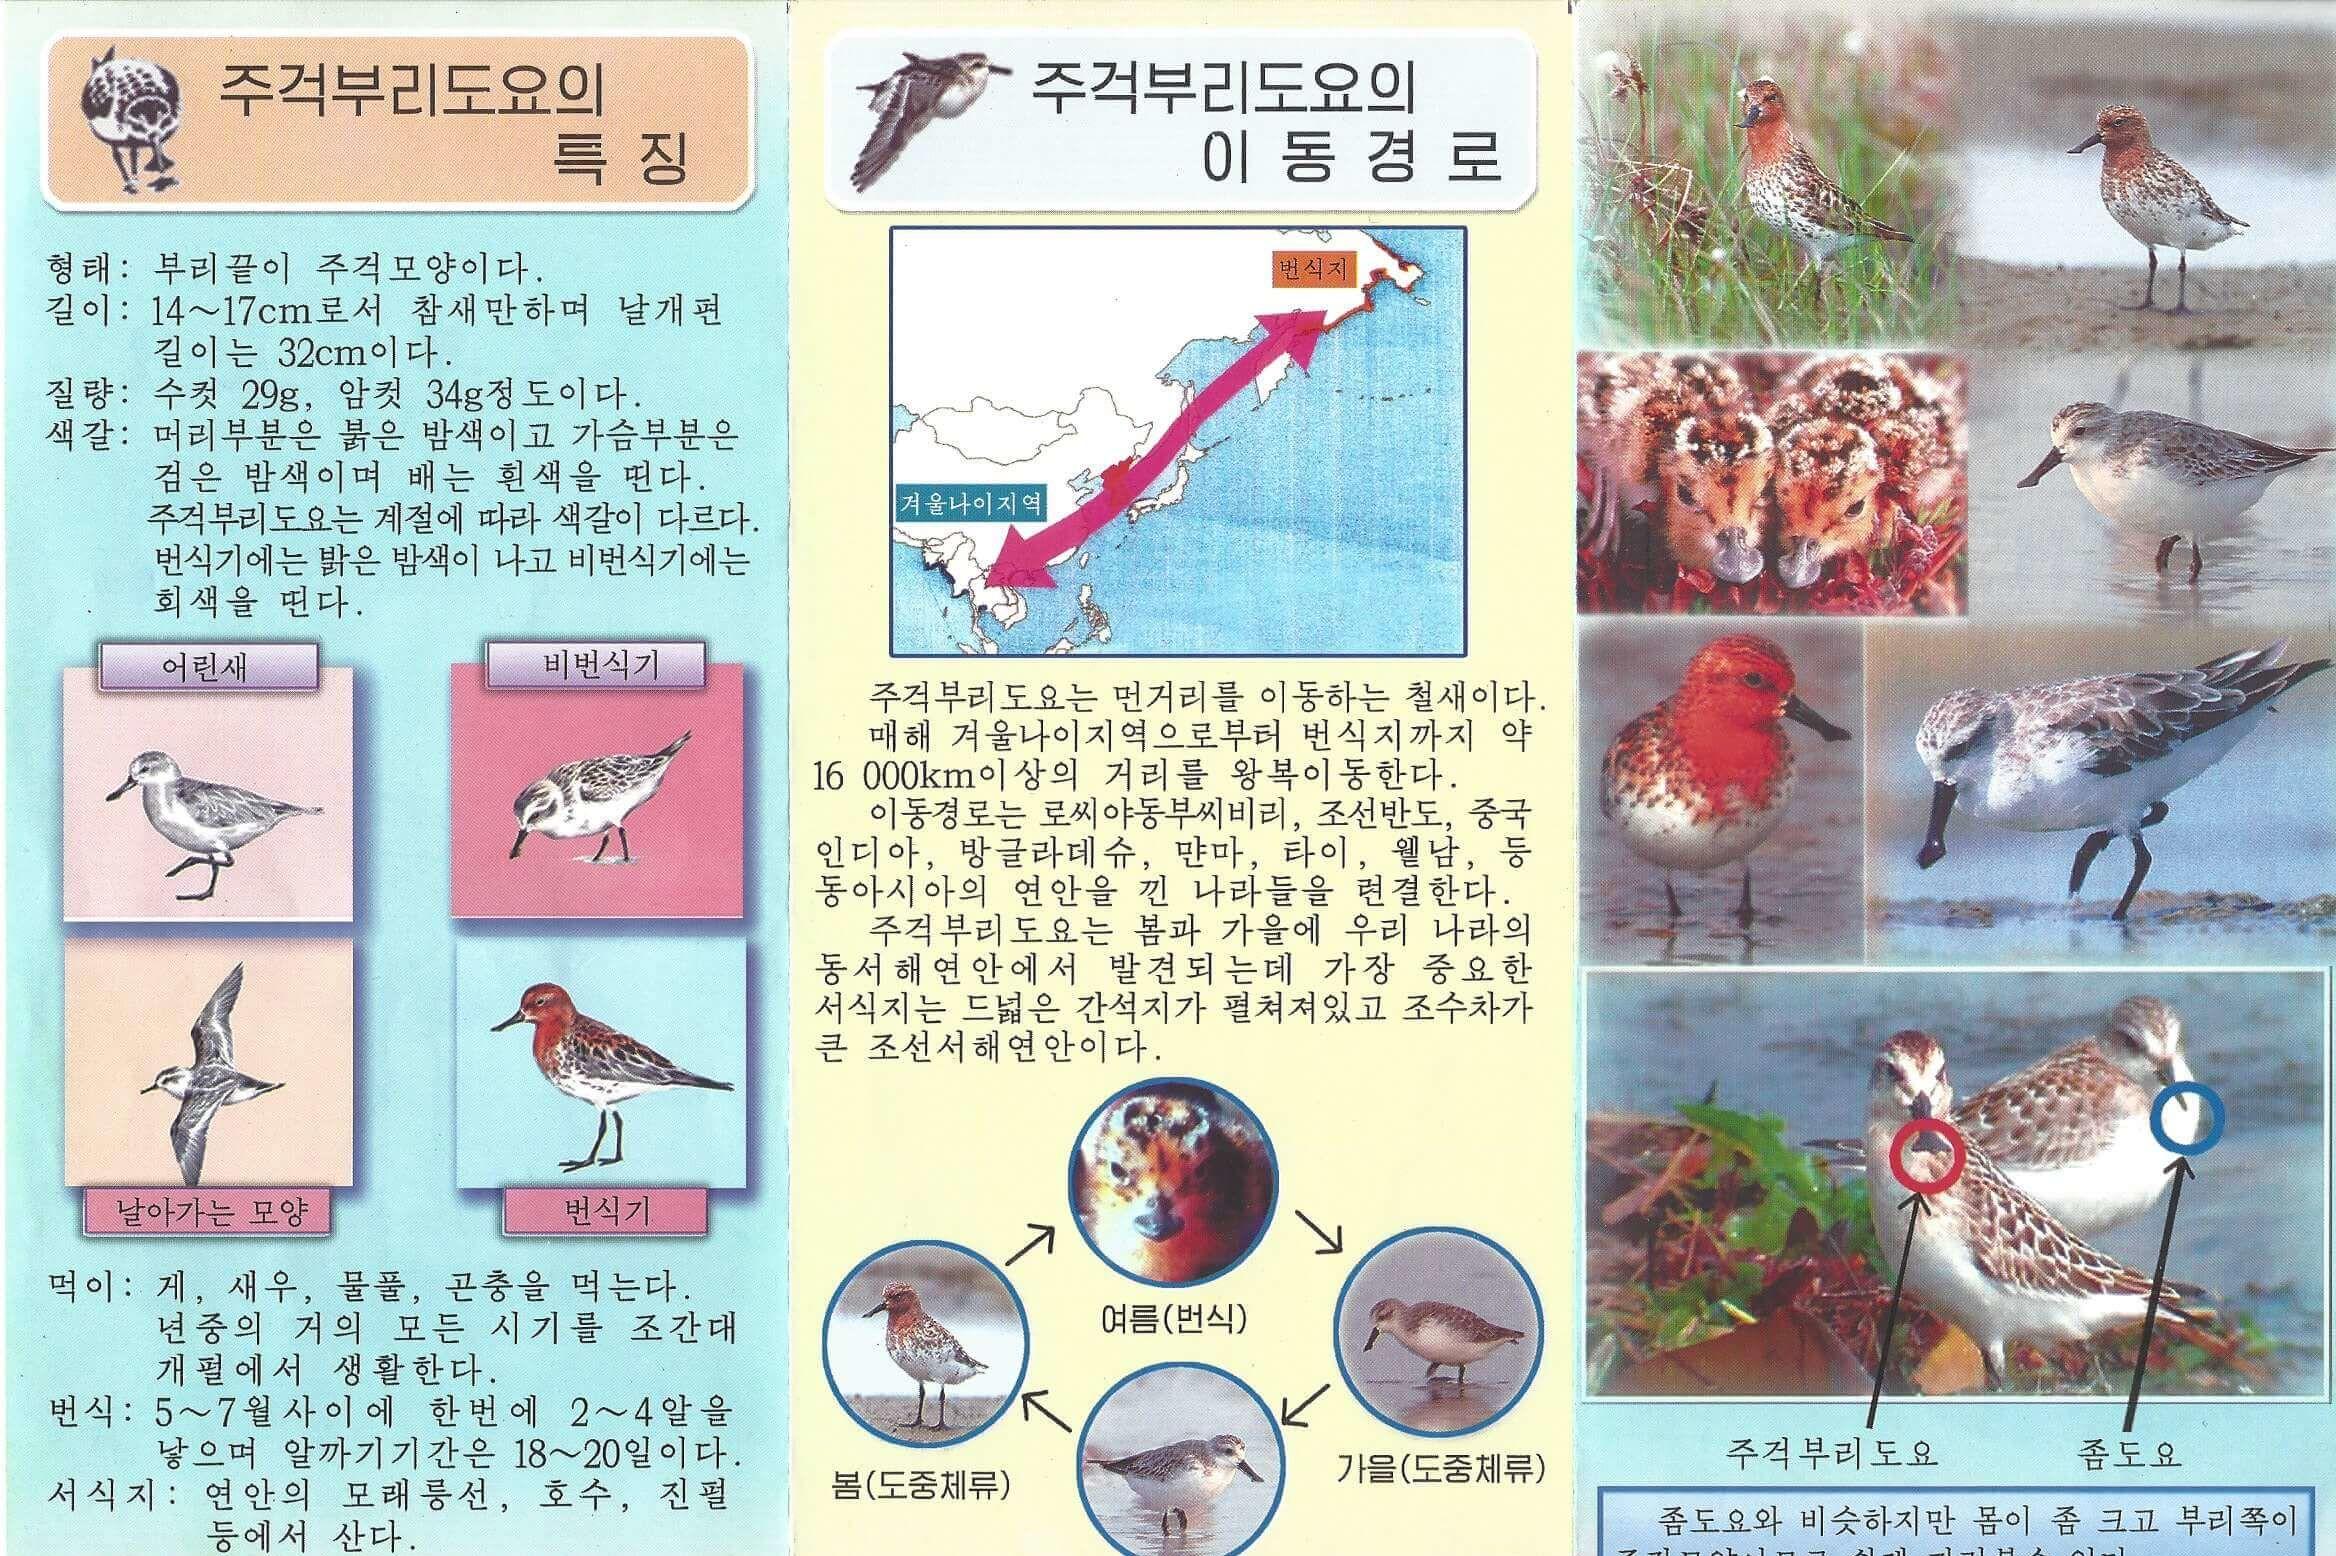 Die neue Broschüre informiert über die Eigenschaften und Lebensräume des Löffelstrandläufers.